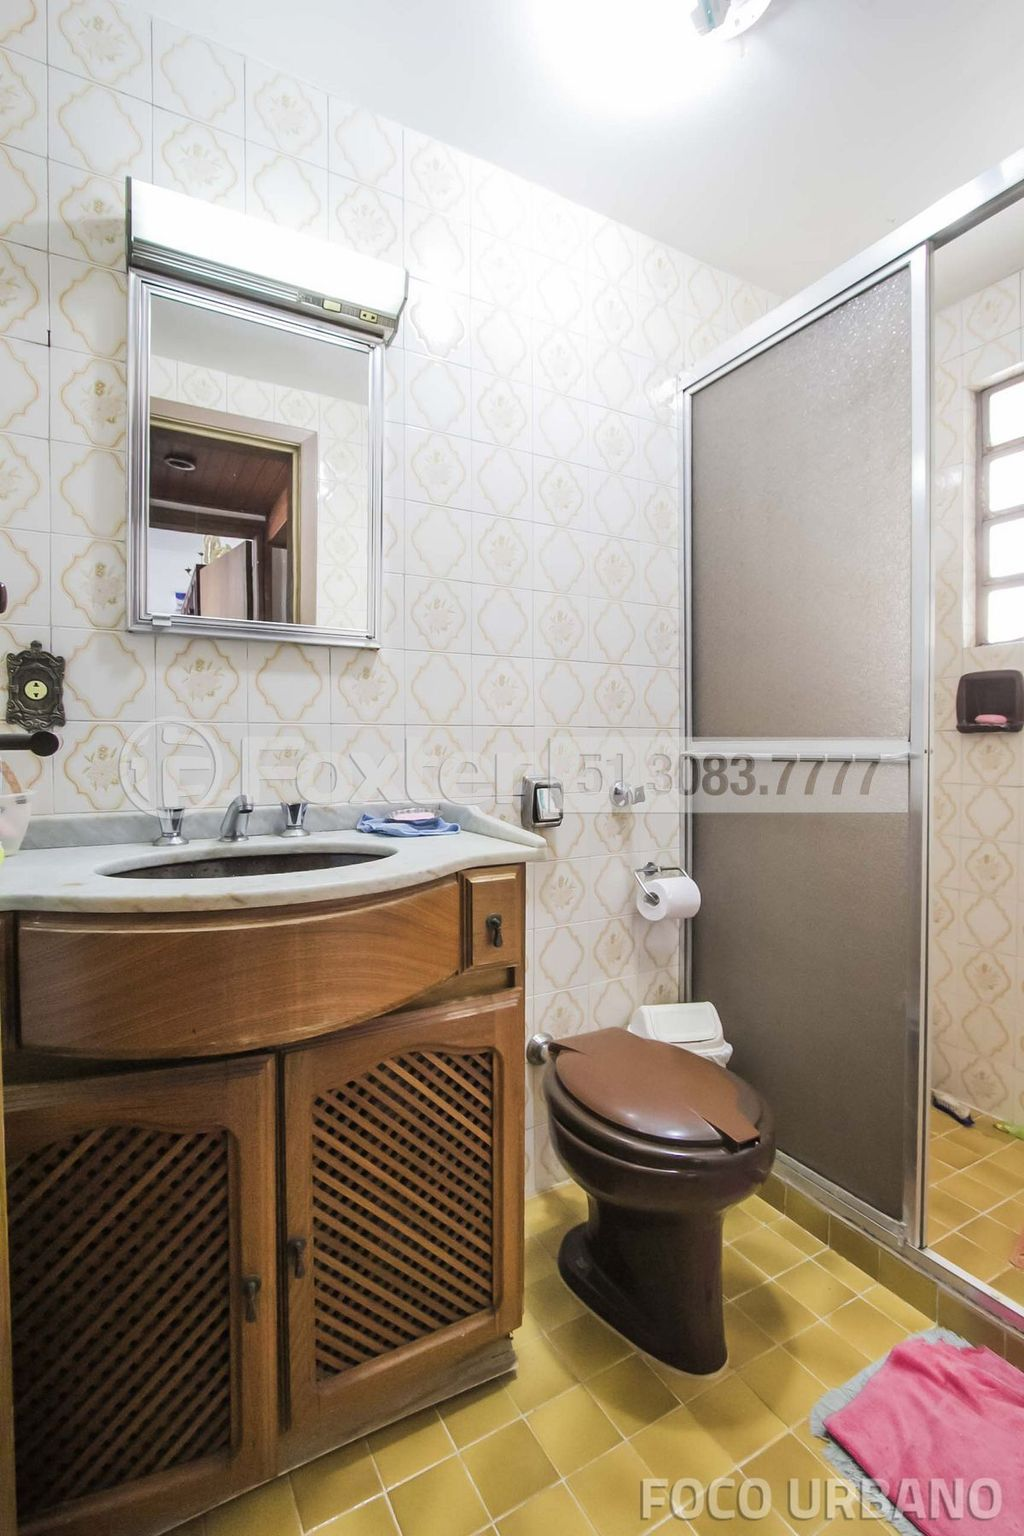 Foxter Imobiliária - Cobertura 3 Dorm (139458) - Foto 6